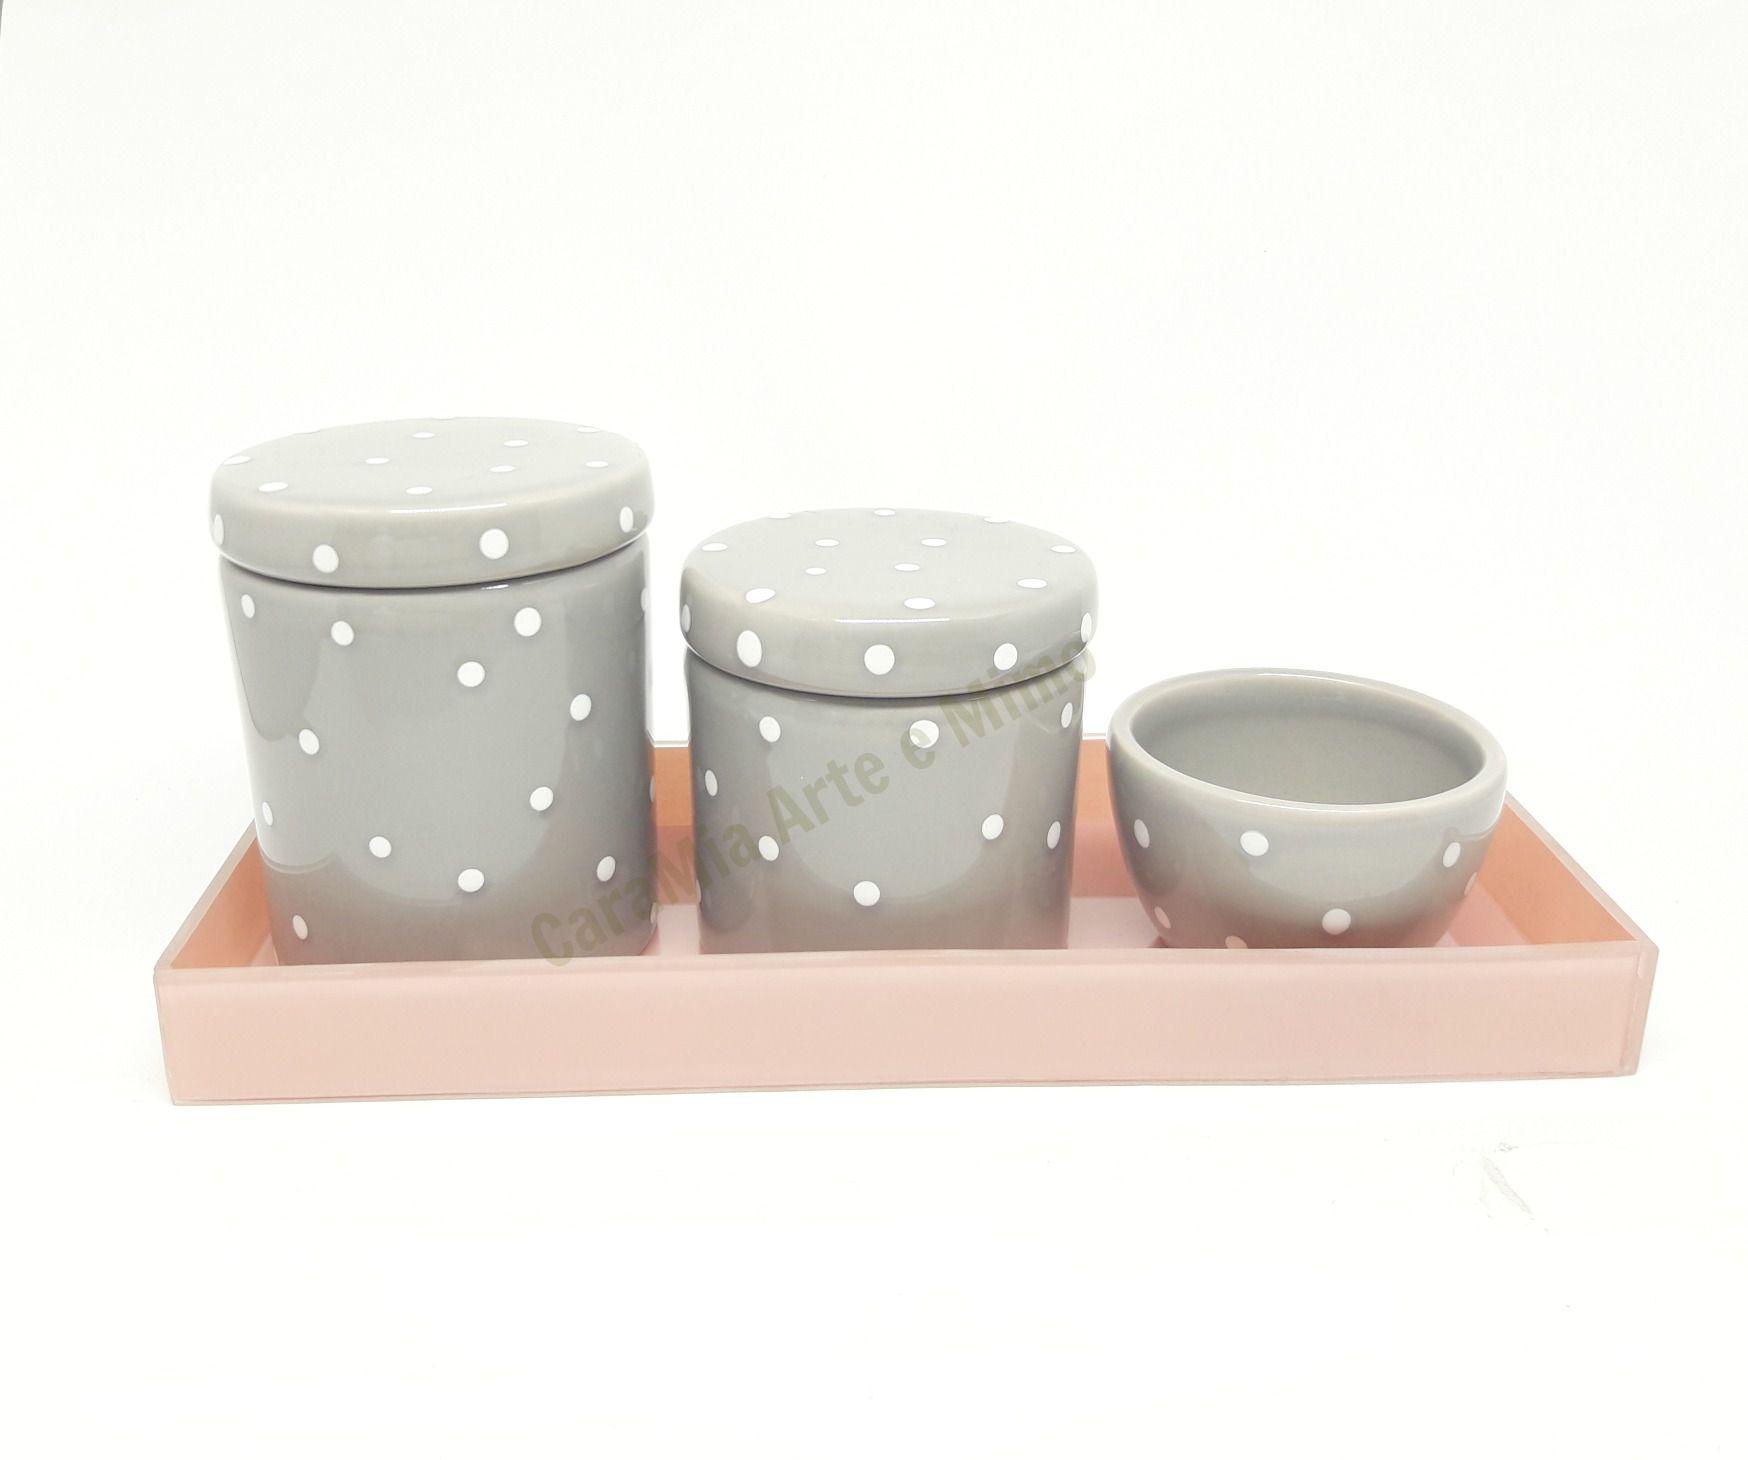 kit Higiene Bebê Cerâmica Branco com Poá Cinza | Bandeja Vidro Rosê| 4 peças